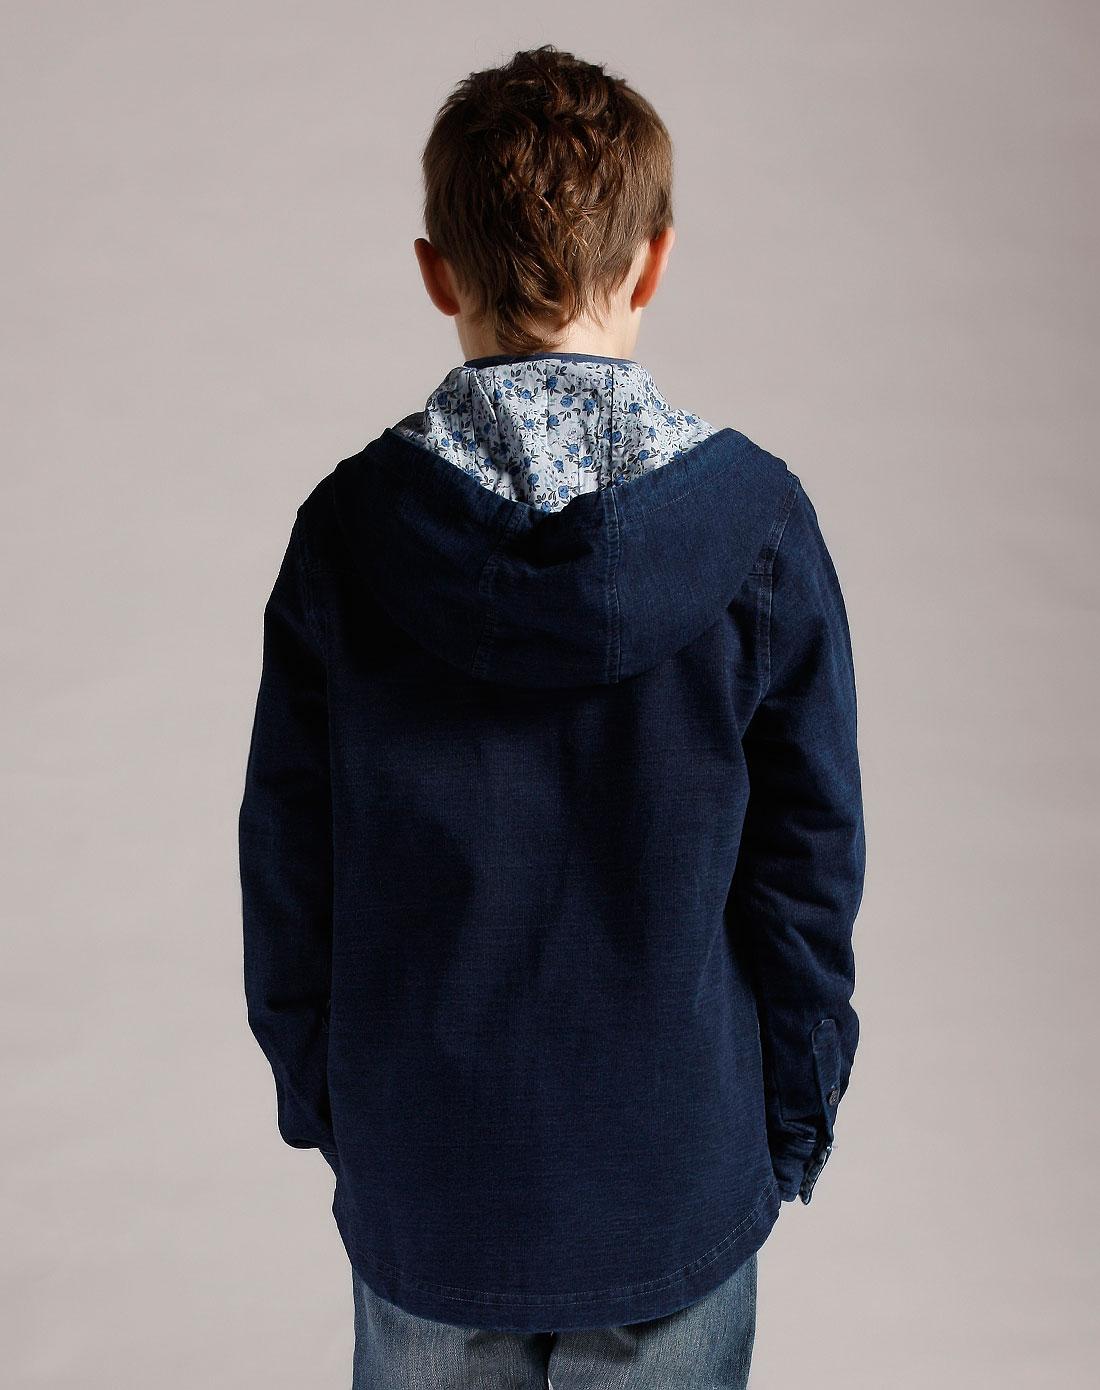 男童深牛仔蓝连帽针织牛仔外套